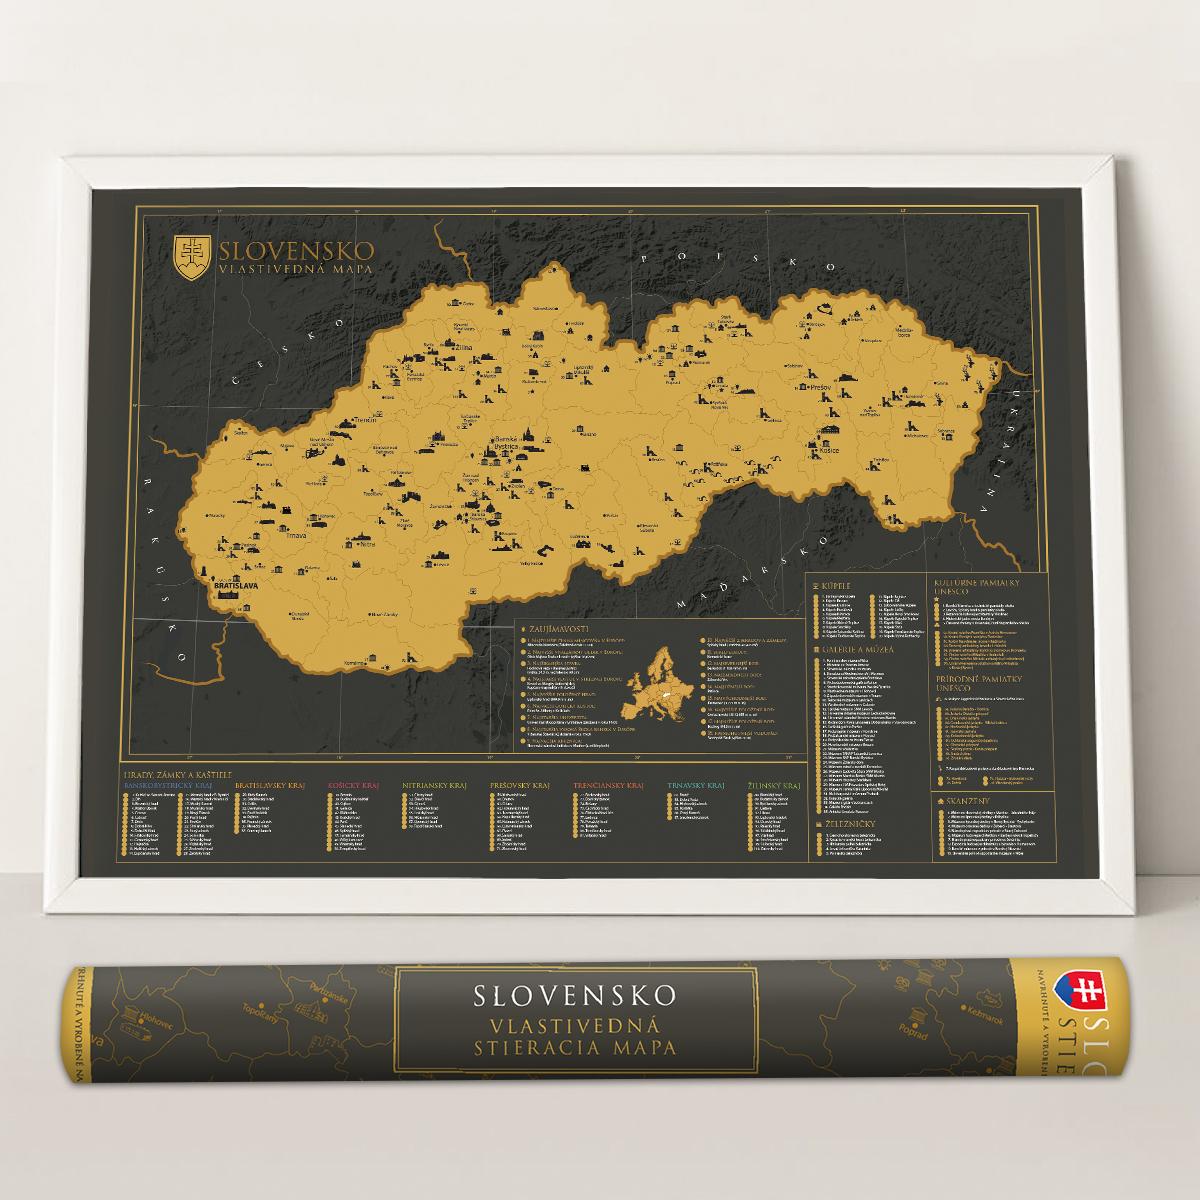 Vlastivedná stieracia mapa Slovenska - darčeková verzia